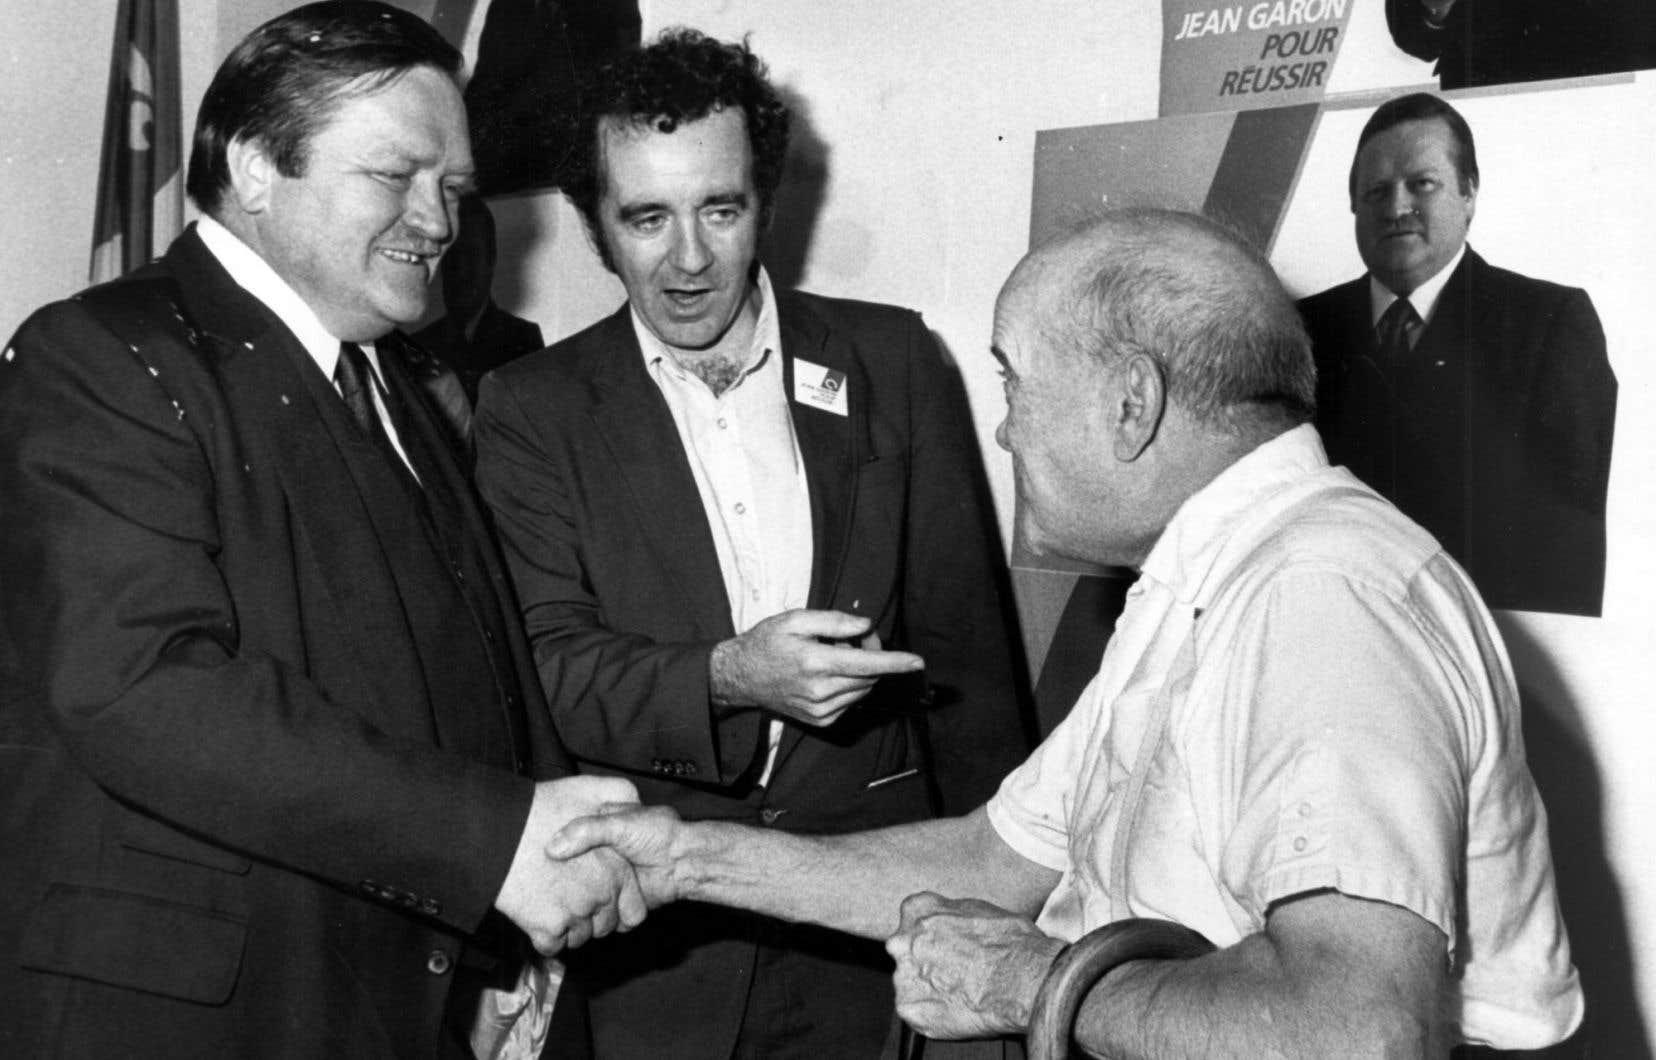 Gérald Godin, au centre, photographié en 1985 en compagnie de de son collègue Jean Garon, à gauche.